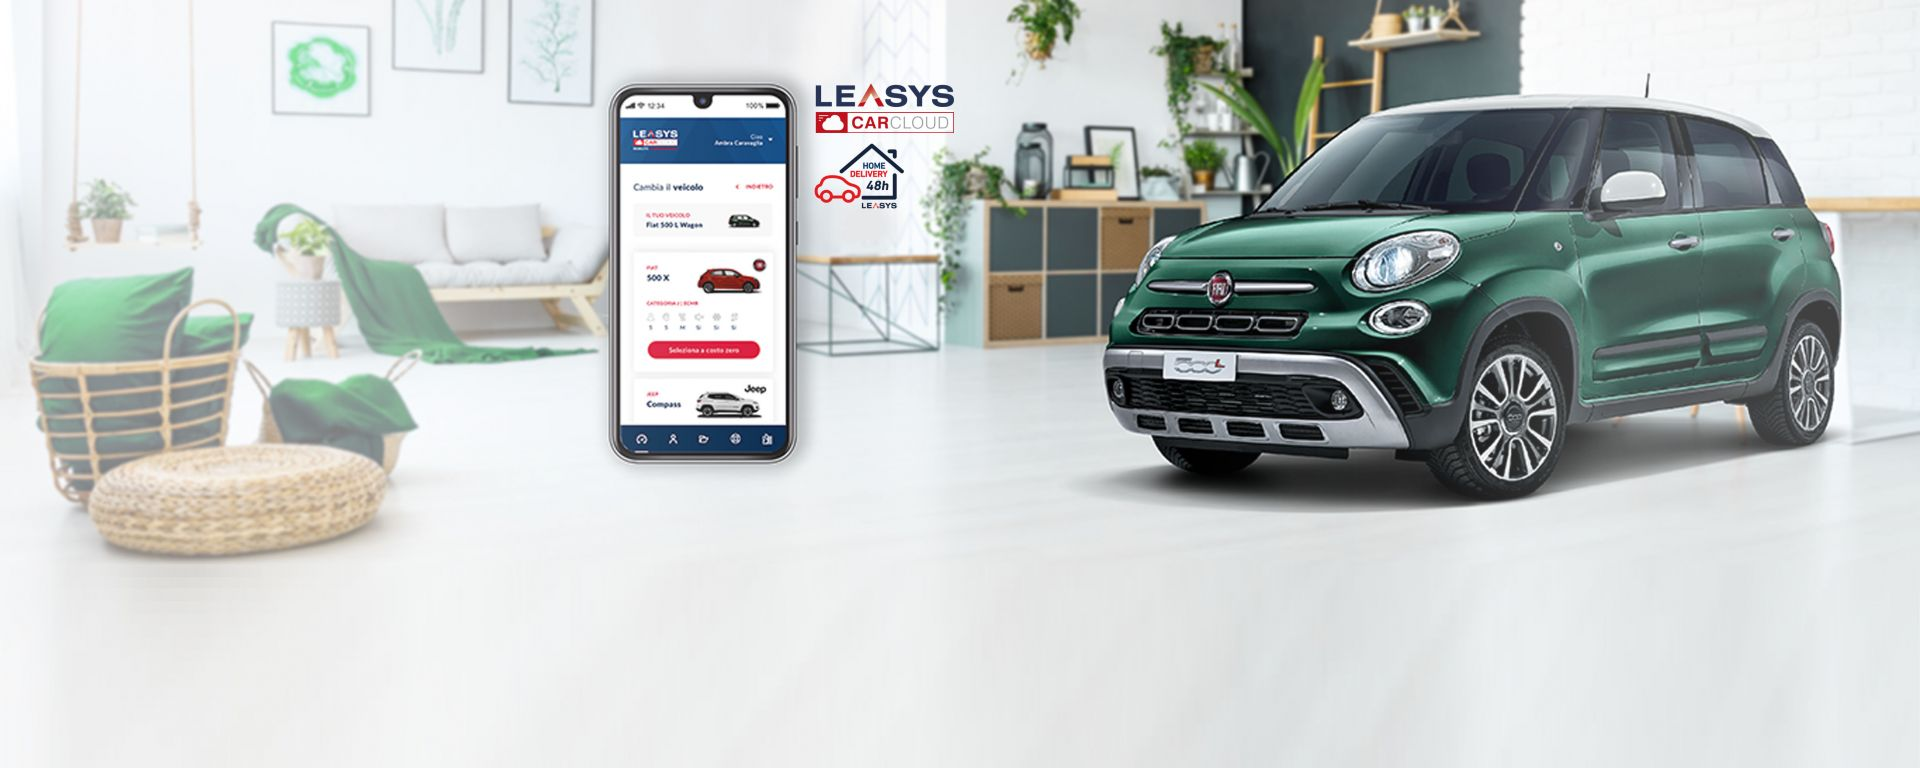 Leasys CarCloud, ora anche il servizio di consegna a domicilio